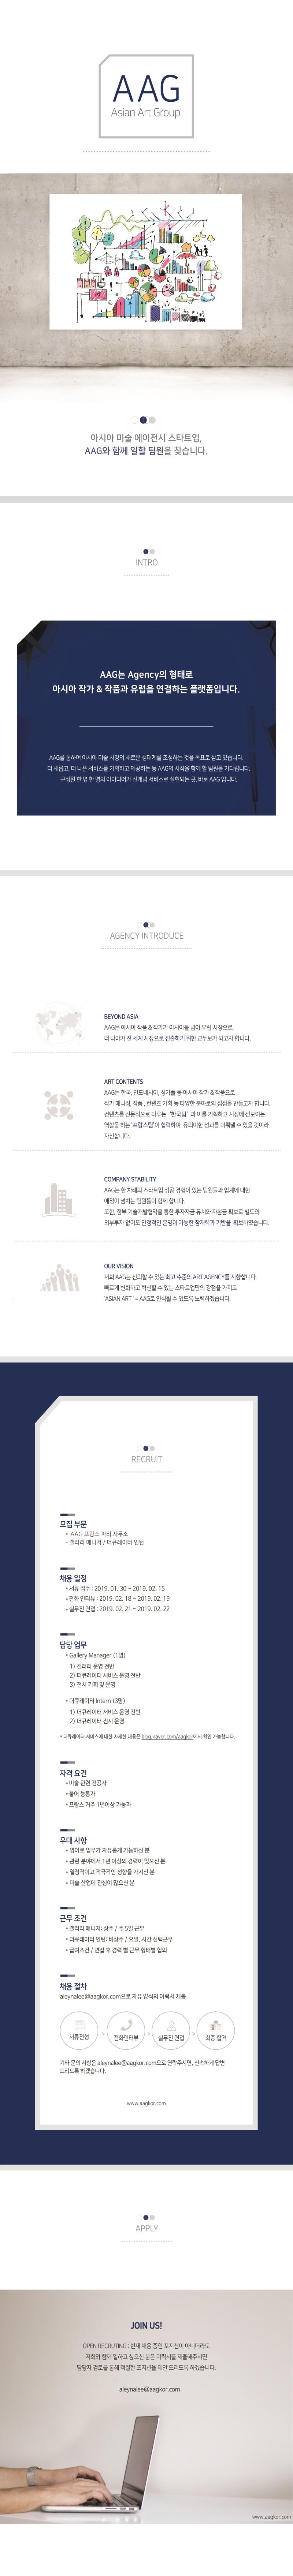 a_프랑스팀 공고-일정연장-01.jpg